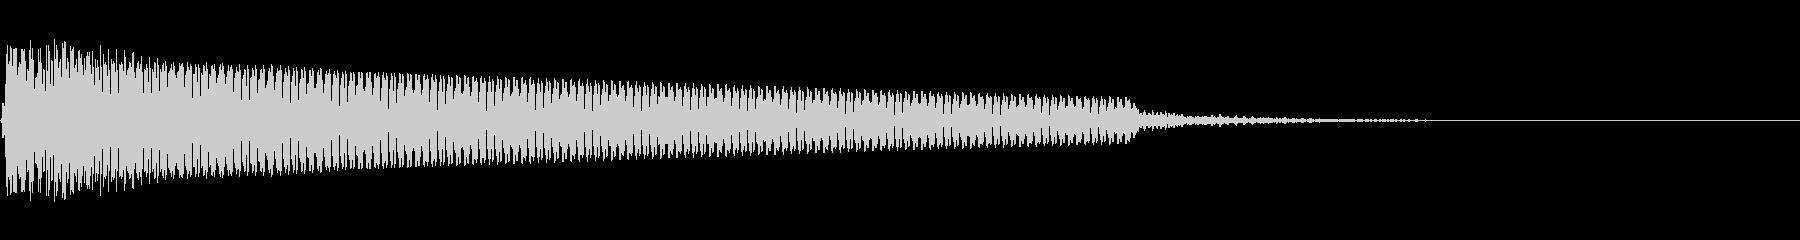 空気が張り詰めた時の音(ホラー)の未再生の波形